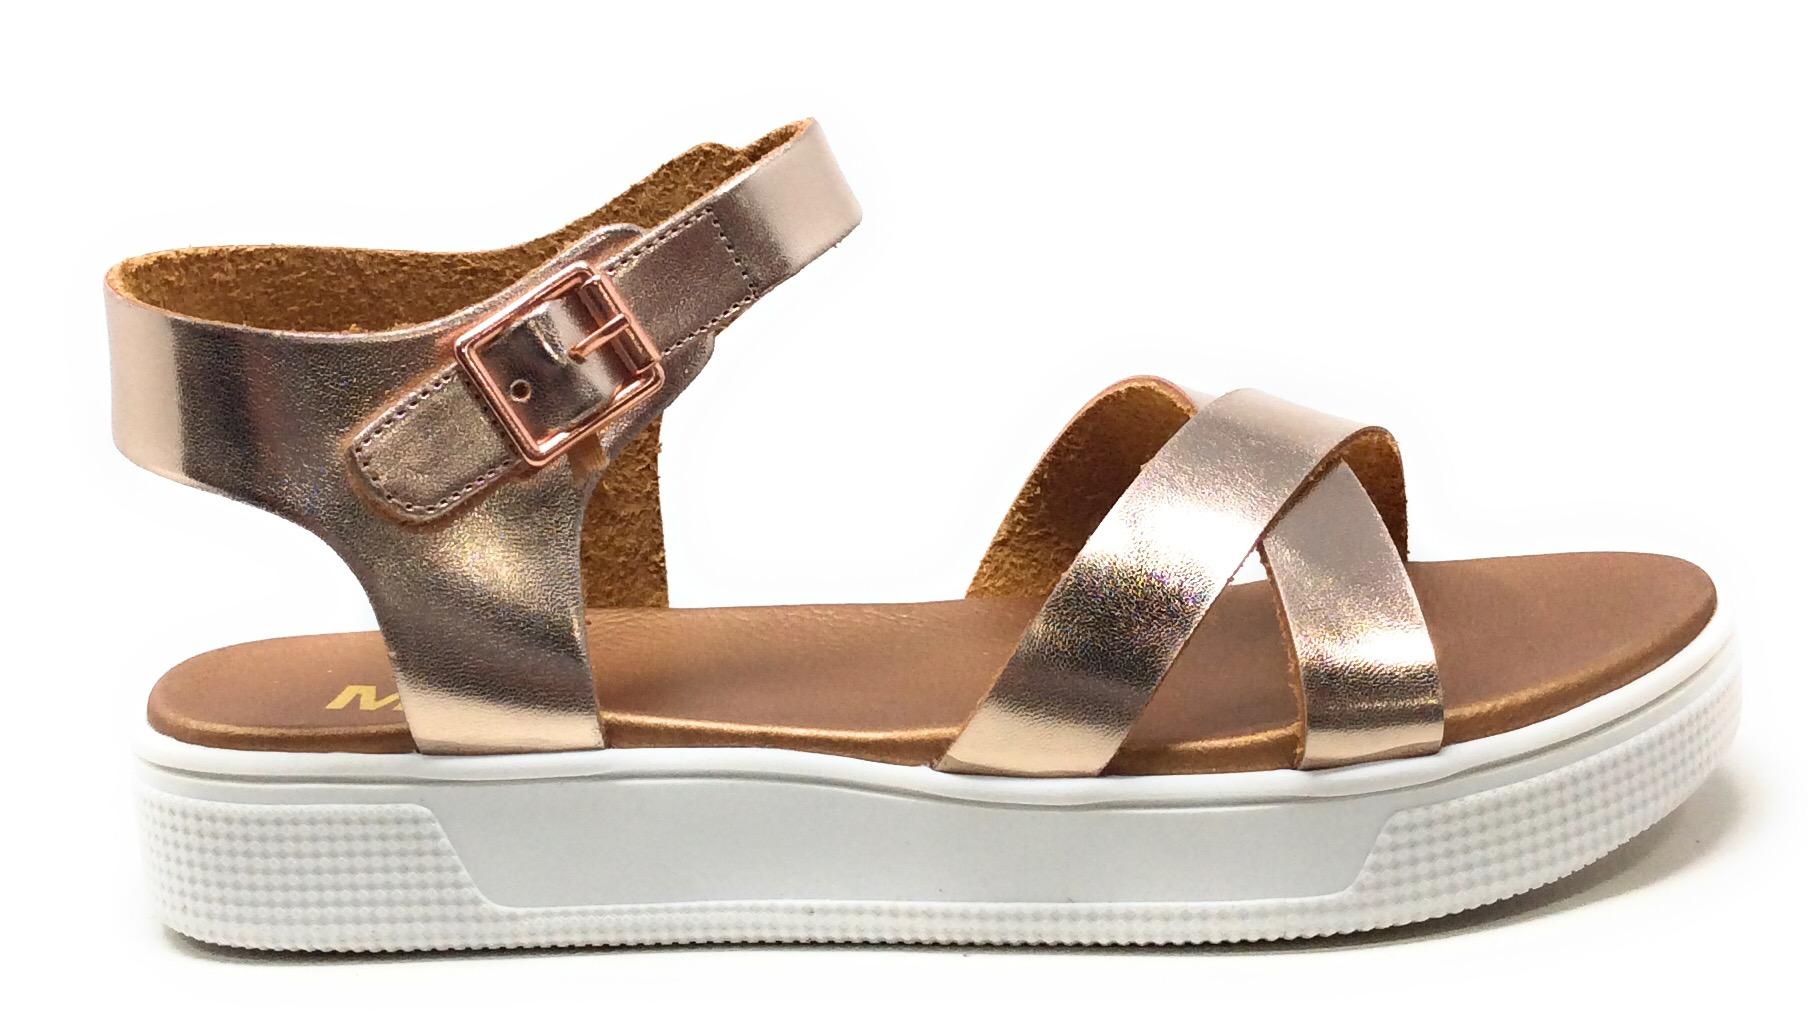 MIA Shoes Big Girls CSK406 Janie-K Gold